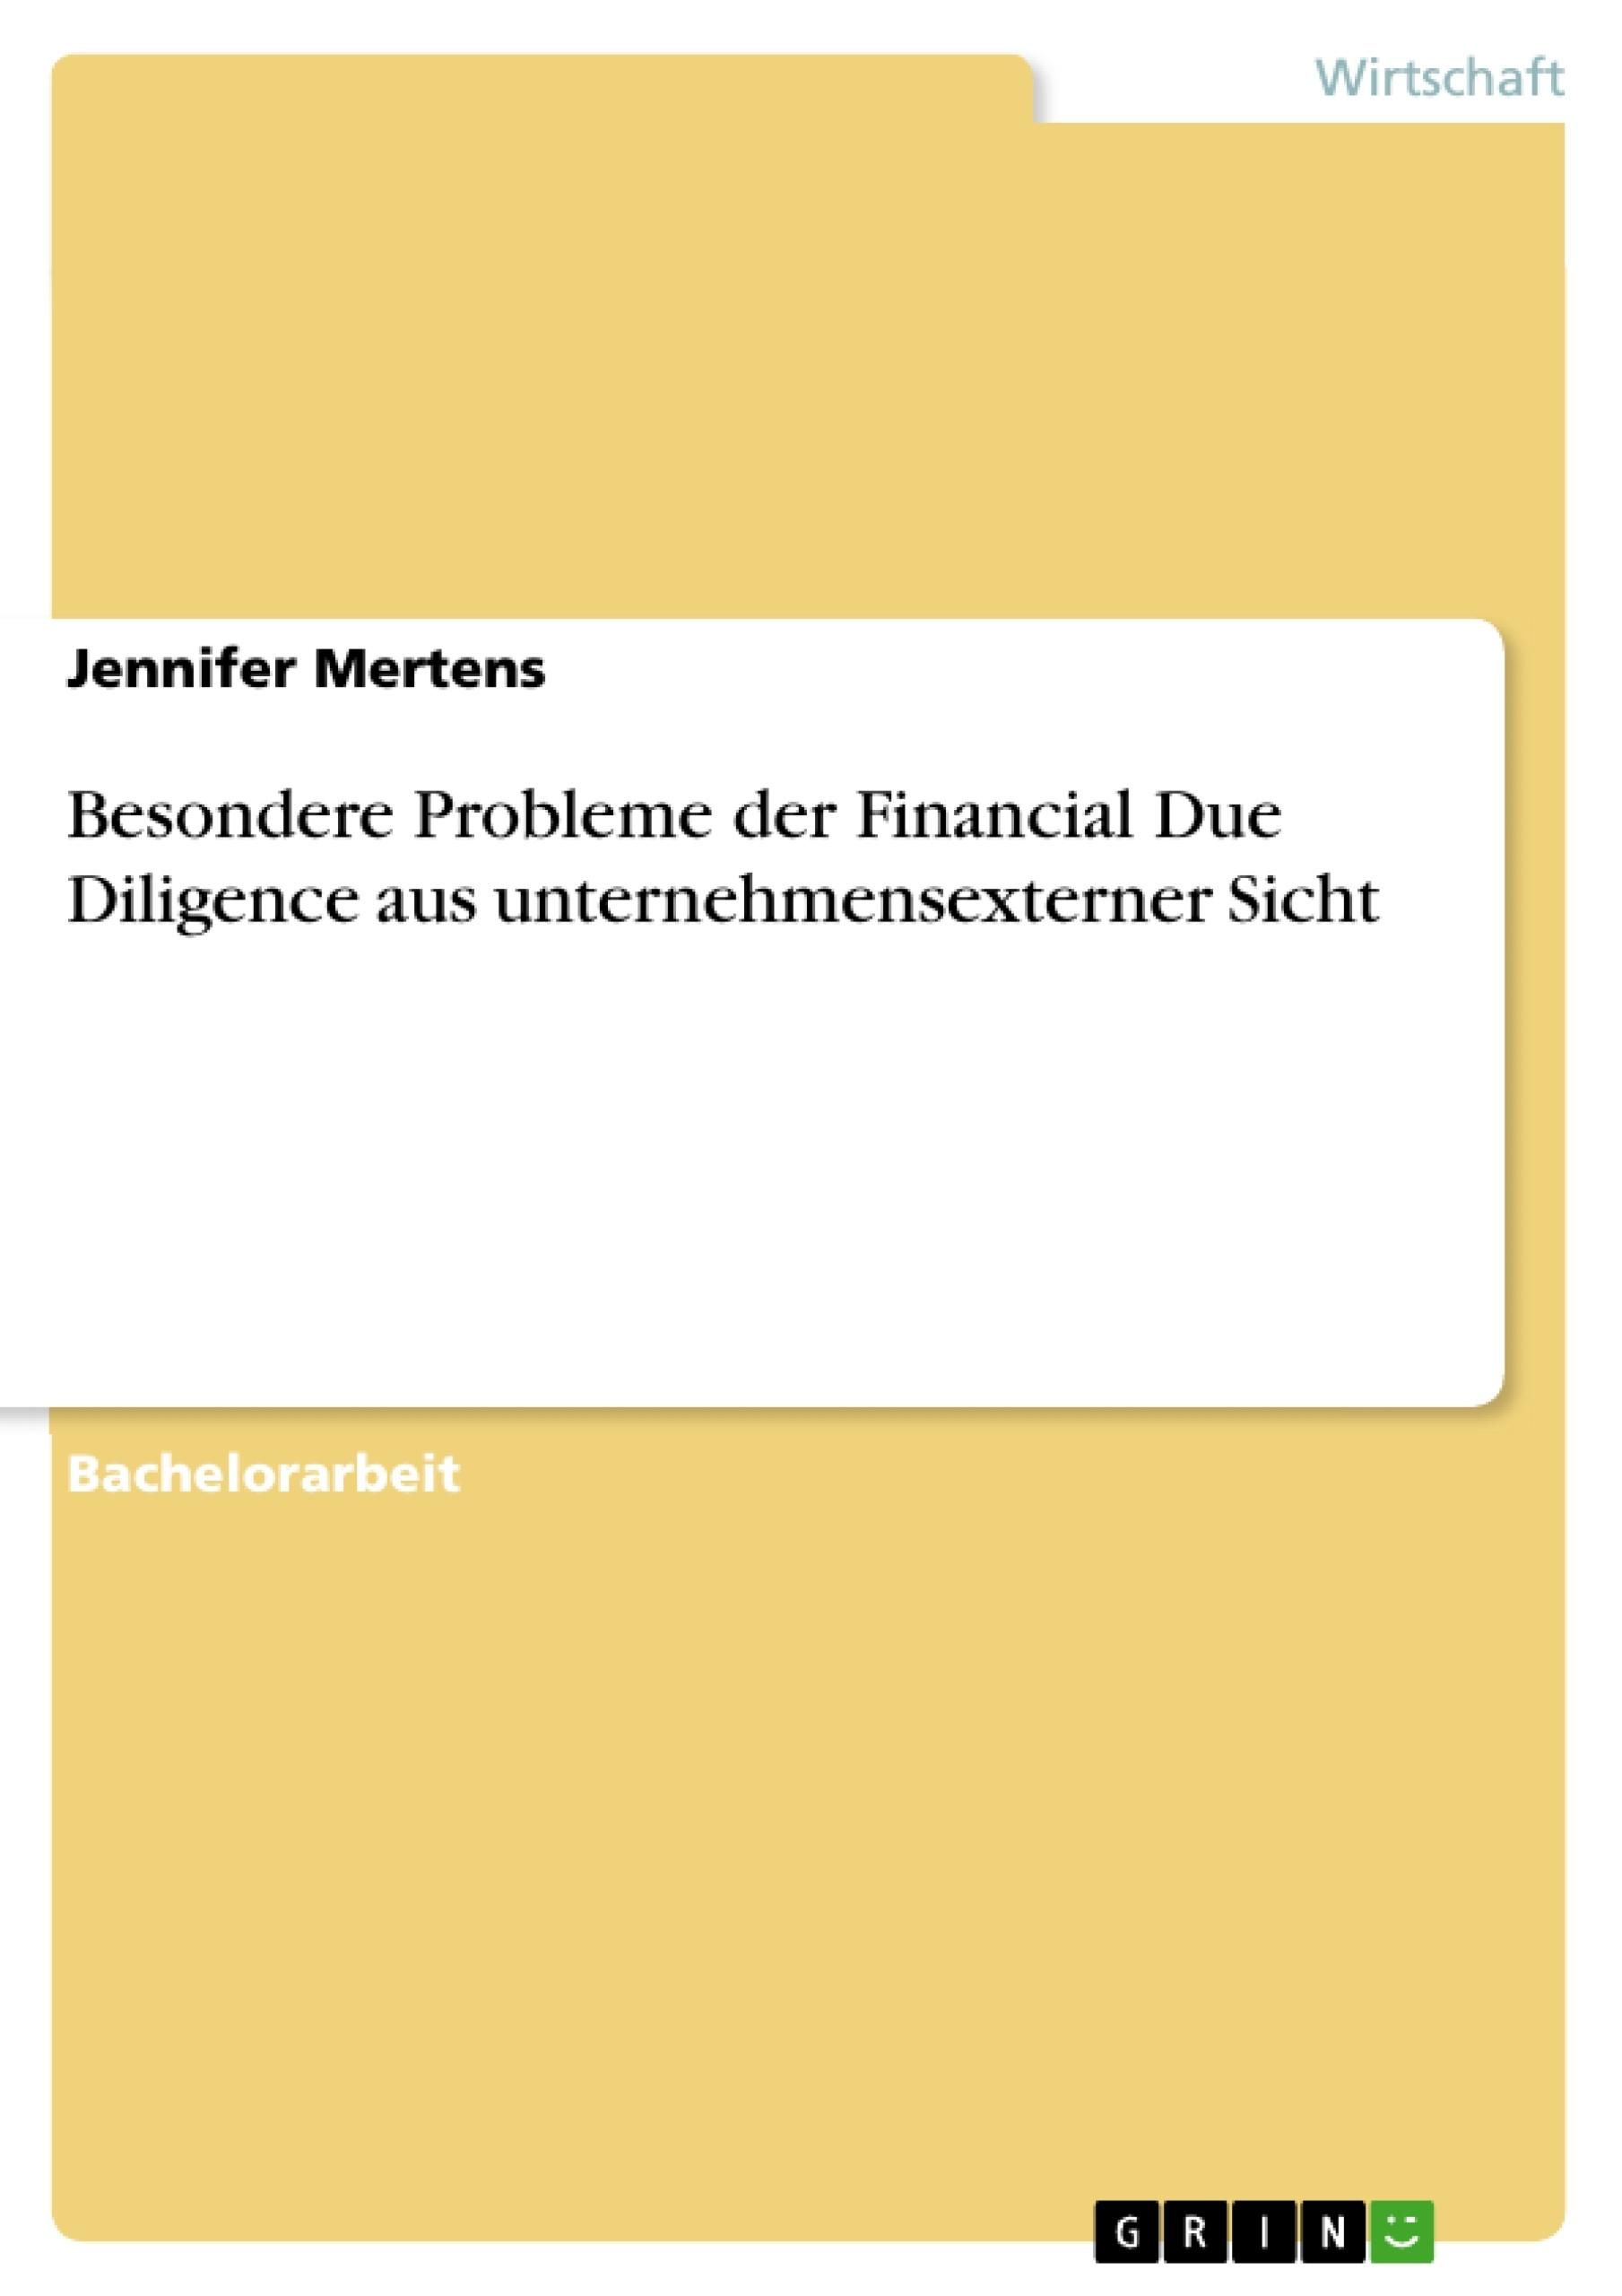 Titel: Besondere Probleme der Financial Due Diligence aus unternehmensexterner Sicht